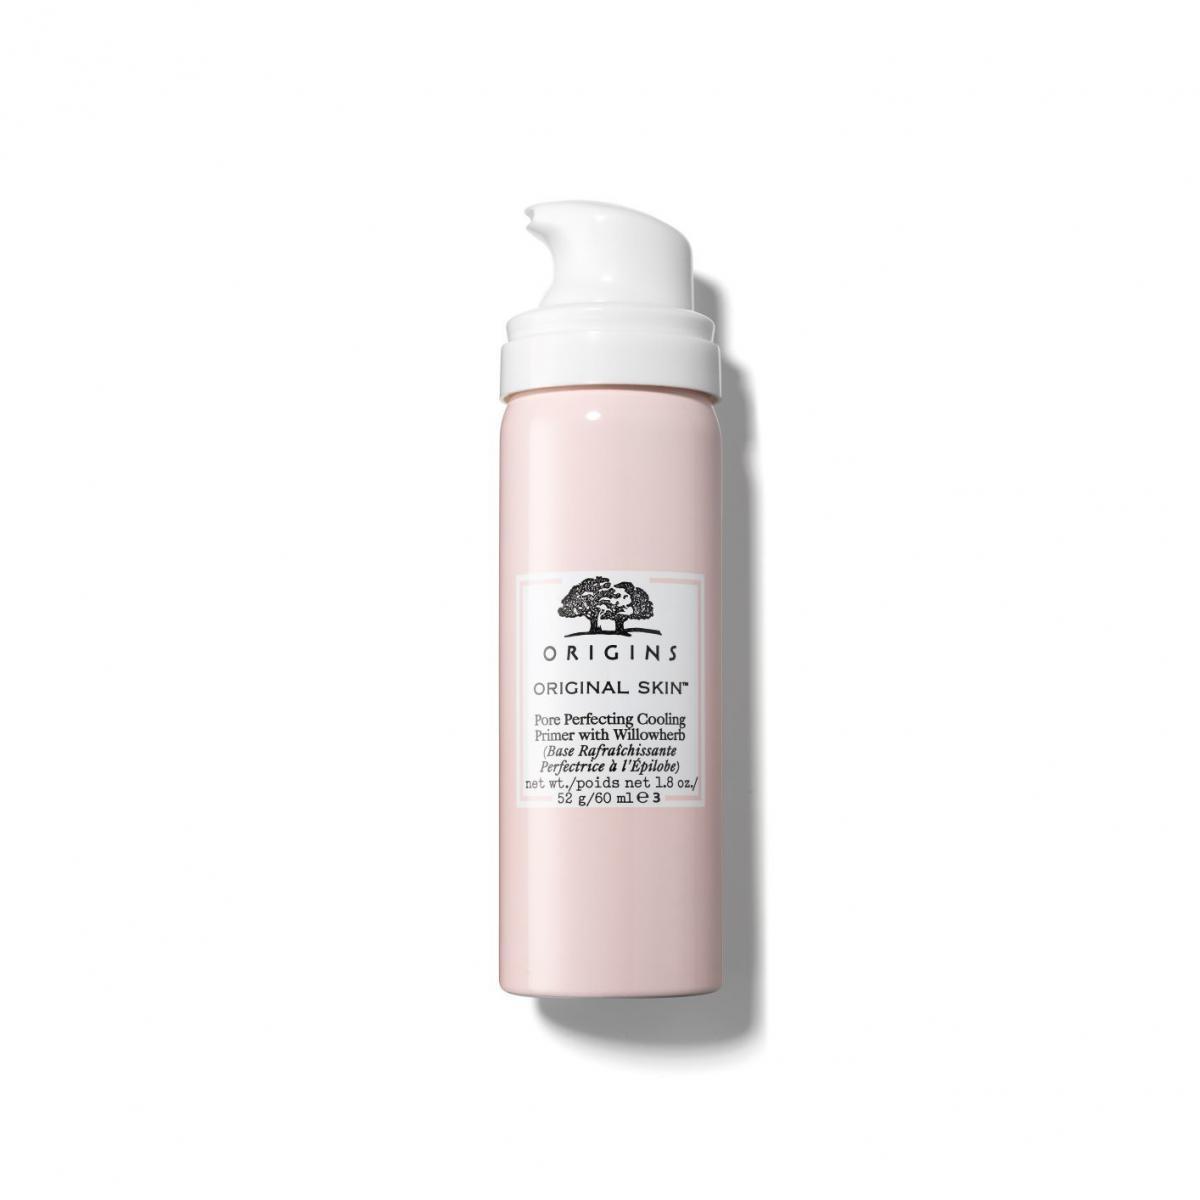 妝前乳推薦Top 10!2020妝前乳專櫃話題品牌,這款水潤到連爛粉底都能拯救!-7